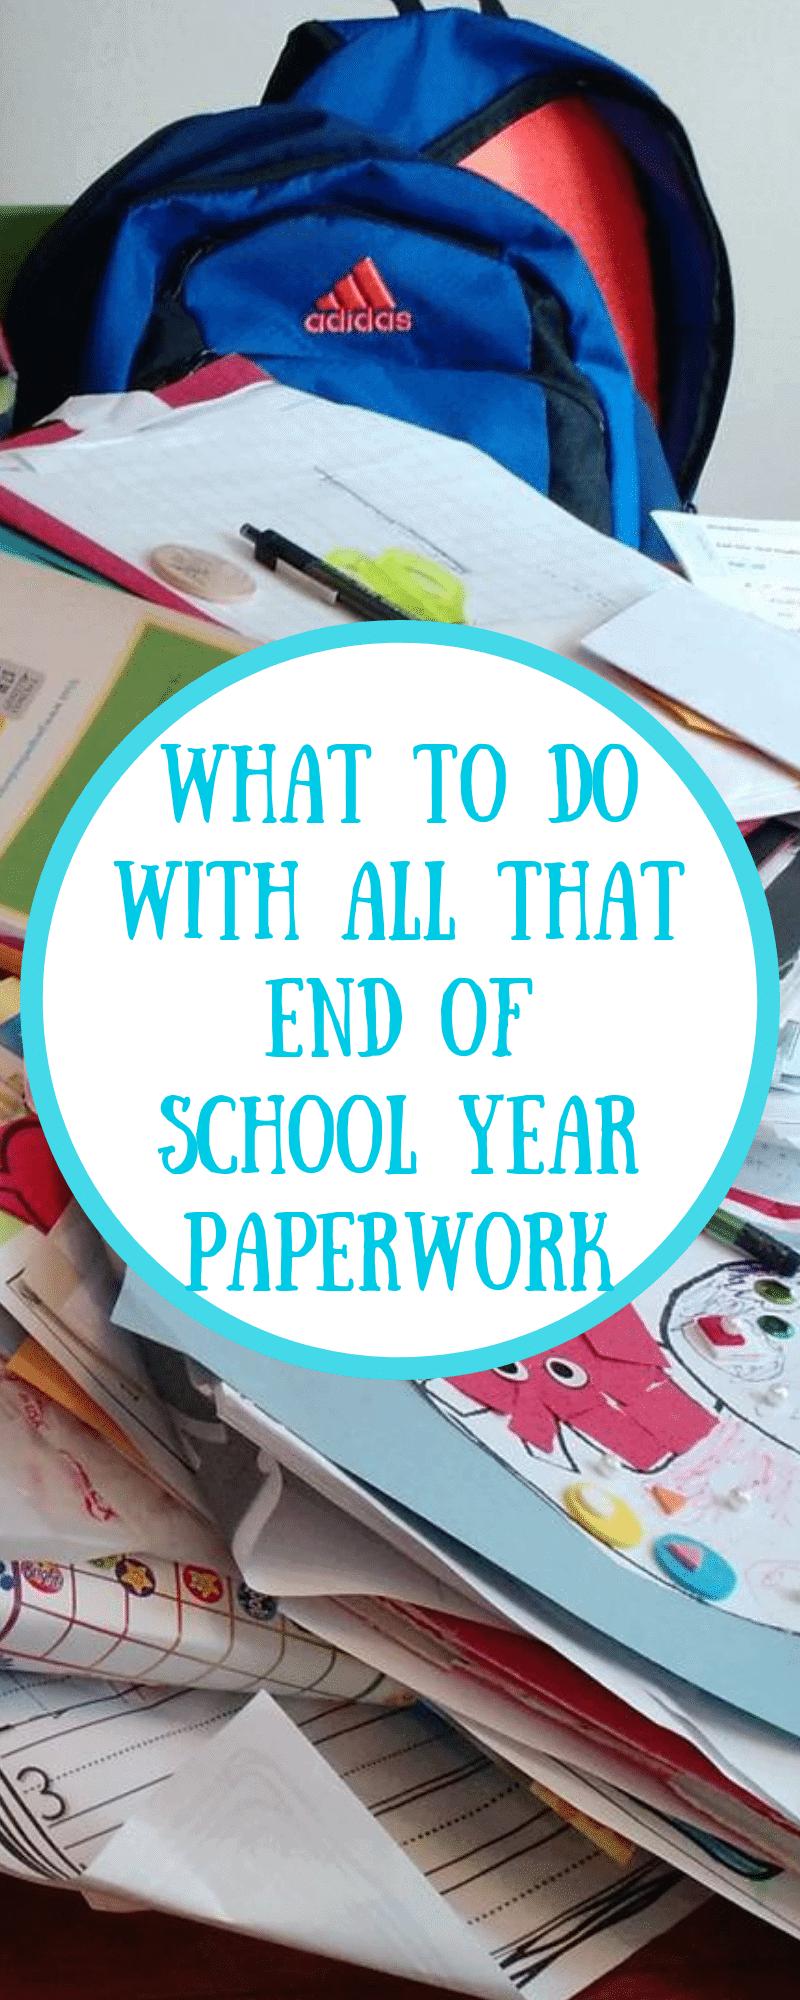 End of School Year Paperwork